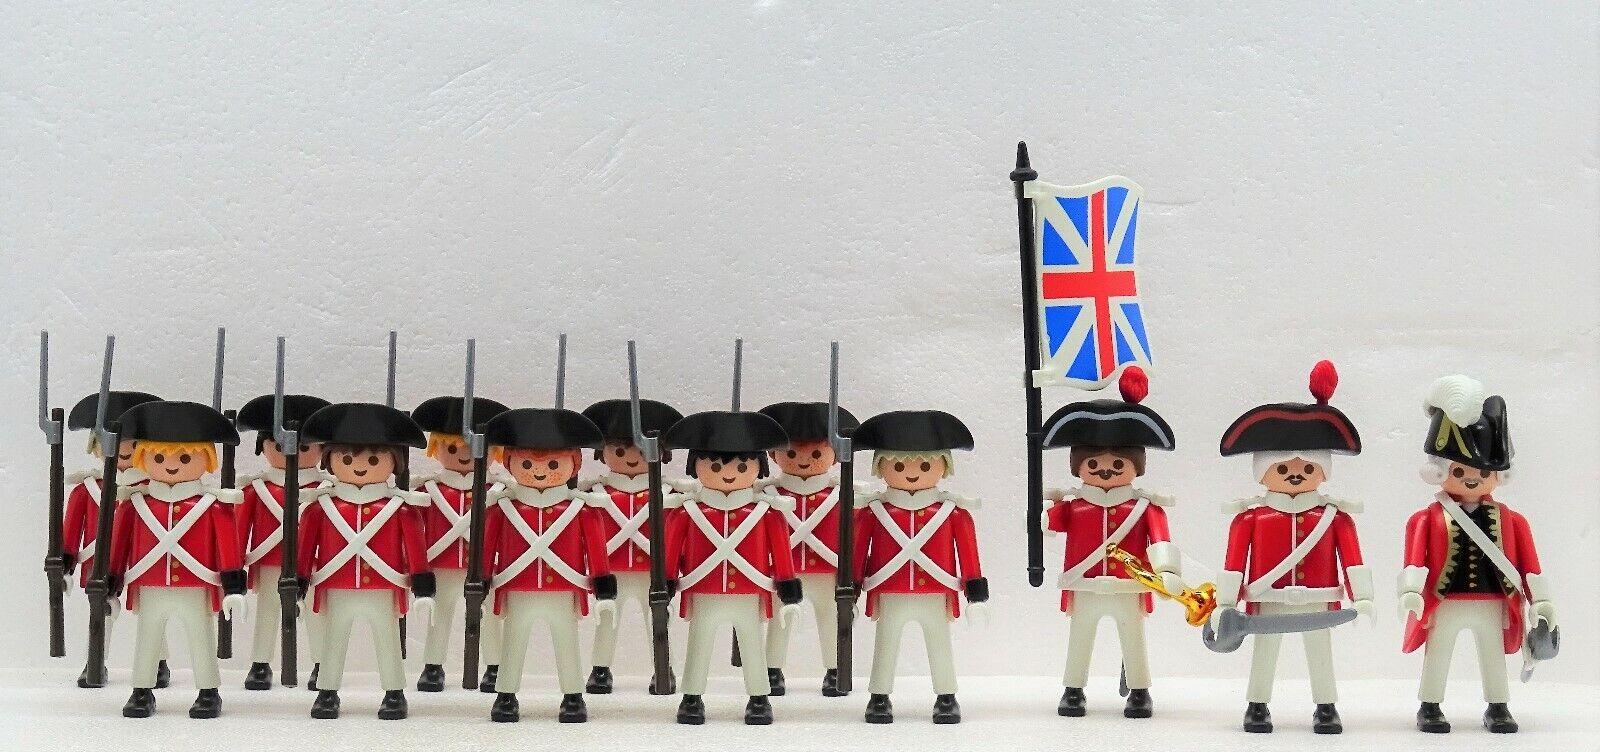 13 Habits Rouges Soldats Playmobil pour Garde Super Set 5  - Royal Marine Sangle  service attentionné